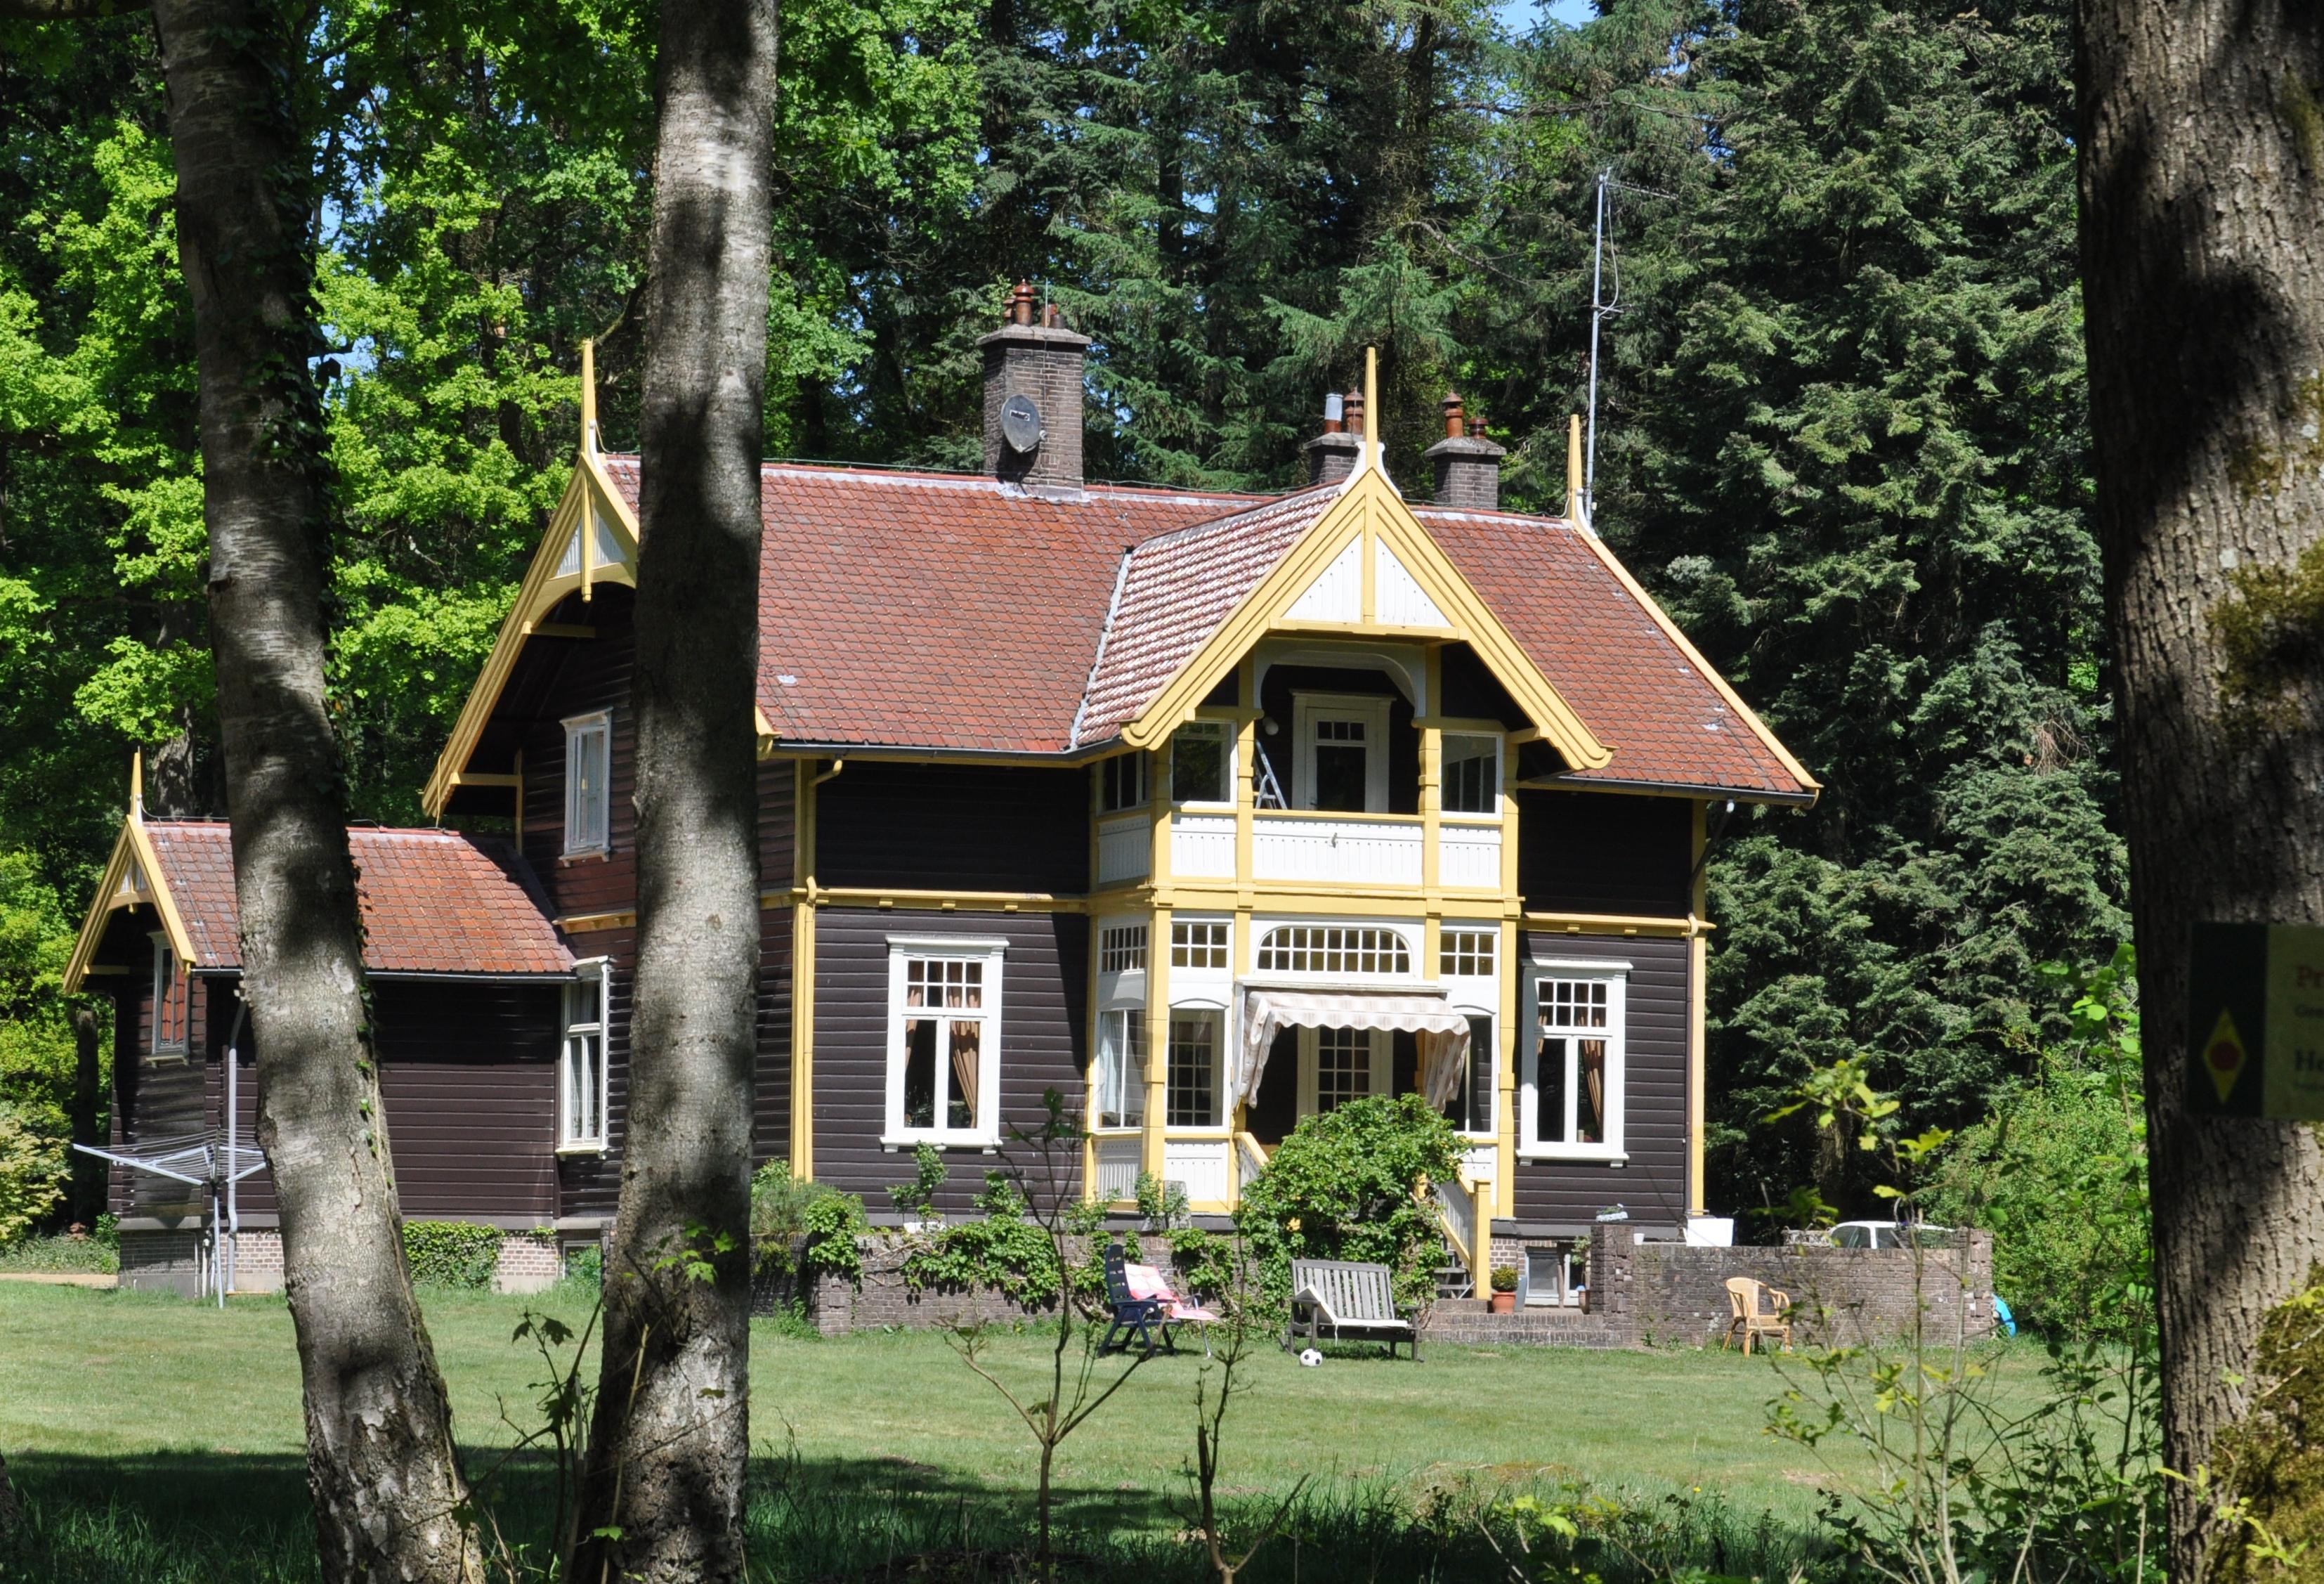 Huis Bruggelen in Beekbergen   Monument   Rijksmonumenten nl